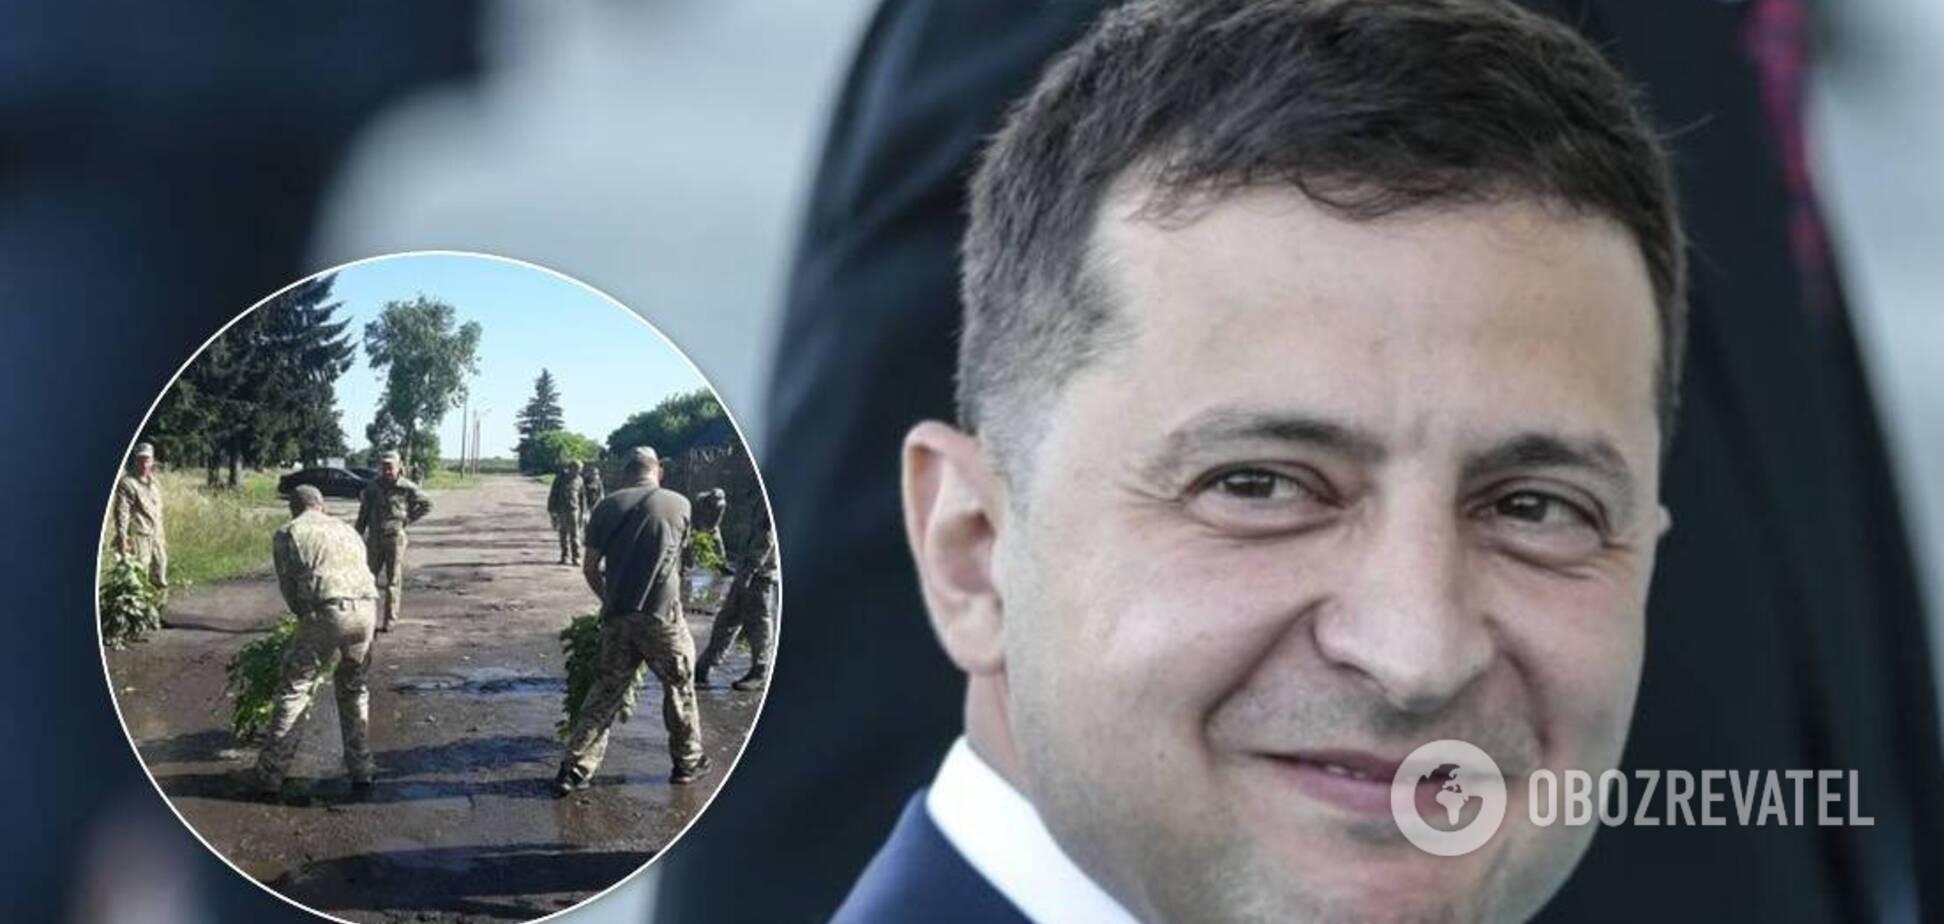 К приезду Зеленского военные сушили лужи в Луцке